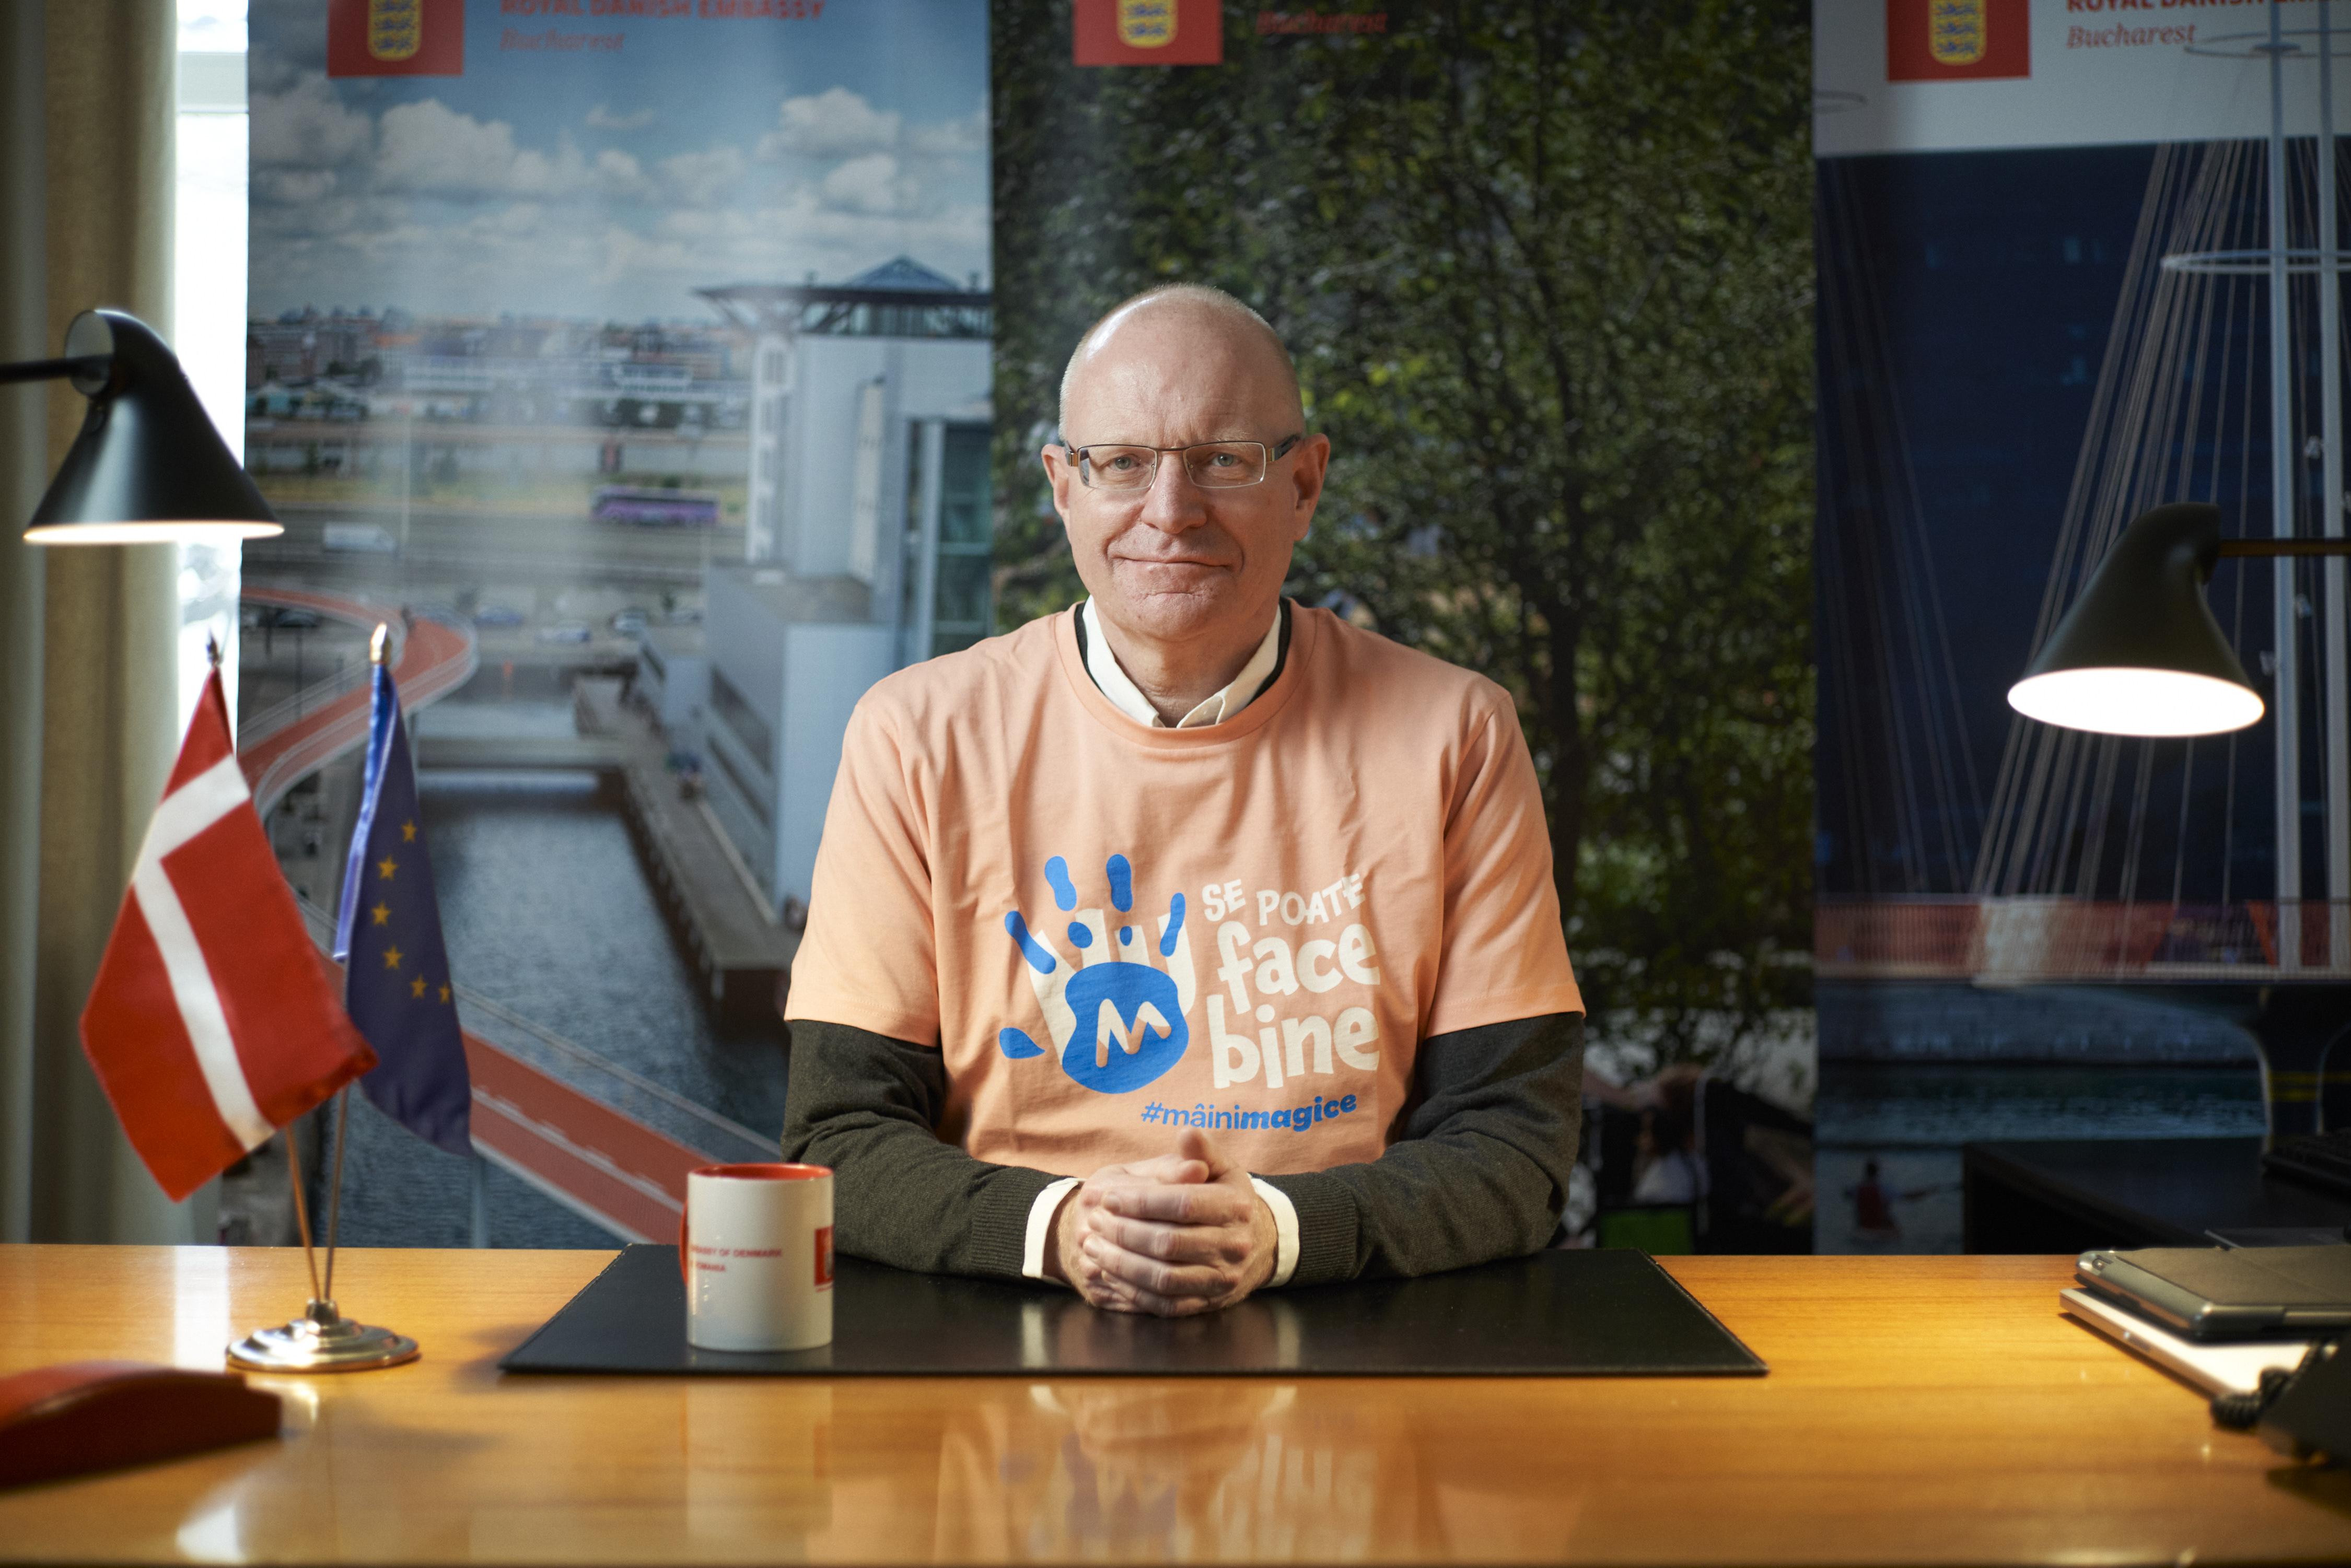 Asociația Magic marchează Ziua Internațională a Luptei Împotriva Cancerului